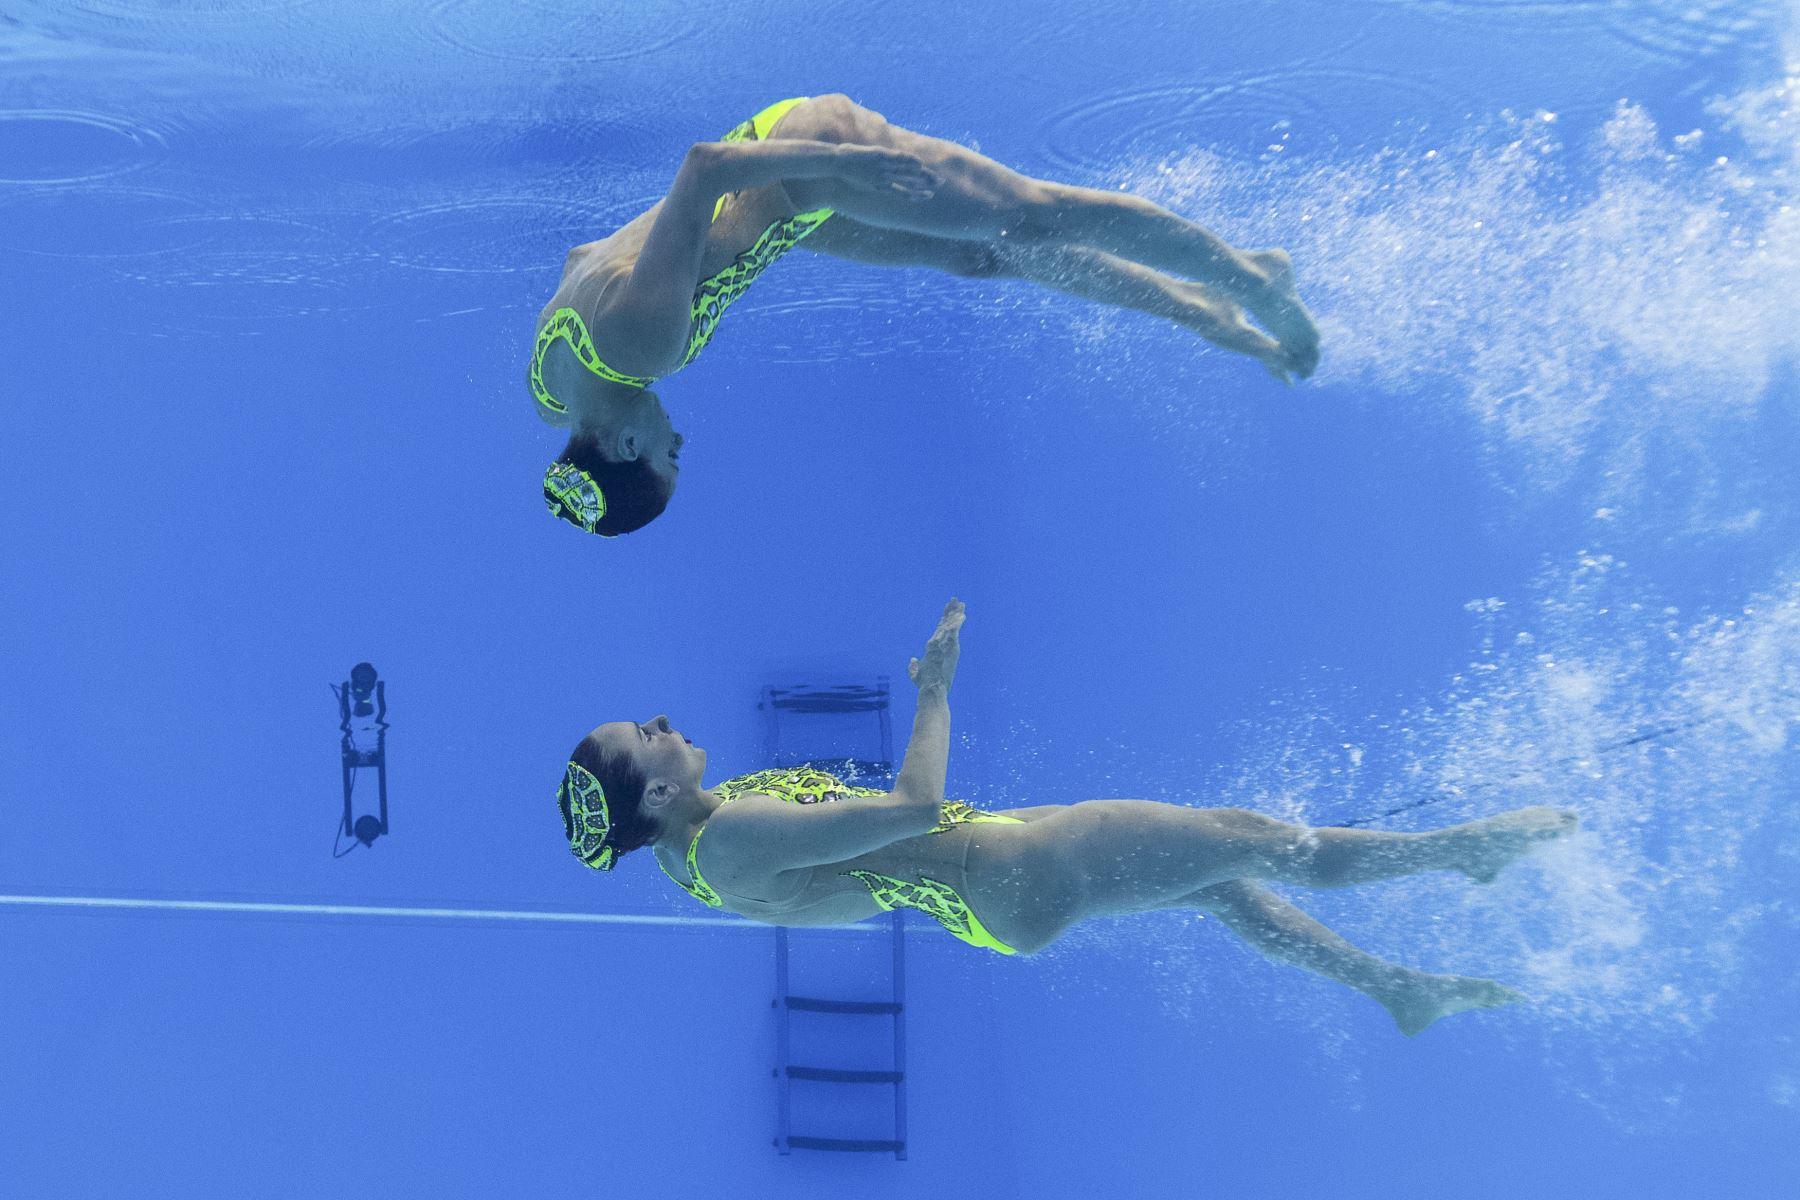 Linda Cerruti y Costanza Ferro, de Italia, compiten en el evento técnico de natación artística durante el Campeonato Mundial 2019. Foto: AFP